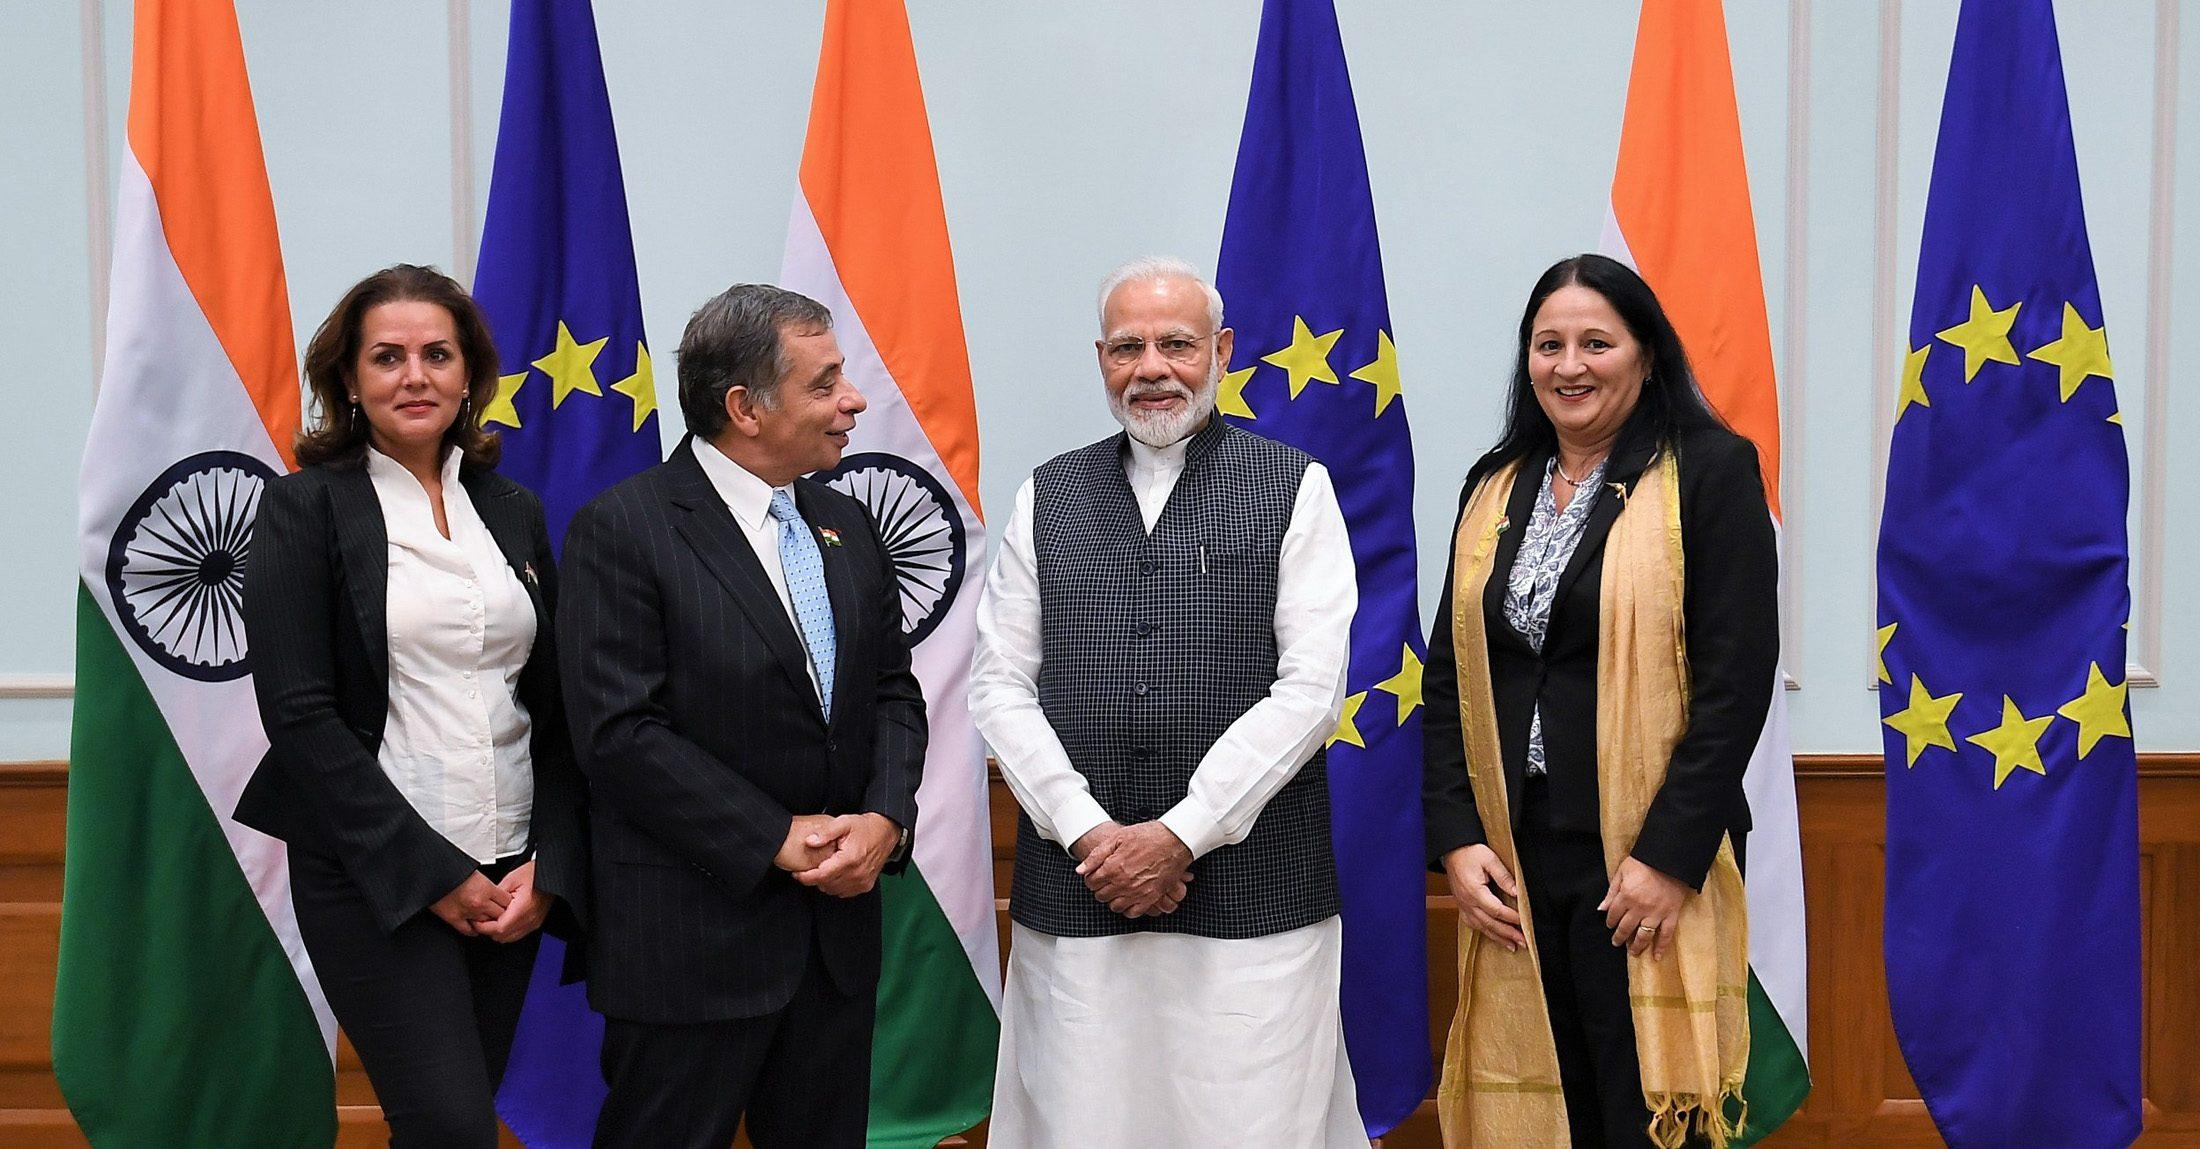 28 اکتوبر کو وزیر اعظم نریندر مودی کےساتھ یورپی رکن پارلیامان کی ملاقات کے وقت مادی شرمابھی موجودتھیں(فوٹو : پی ٹی آئی)